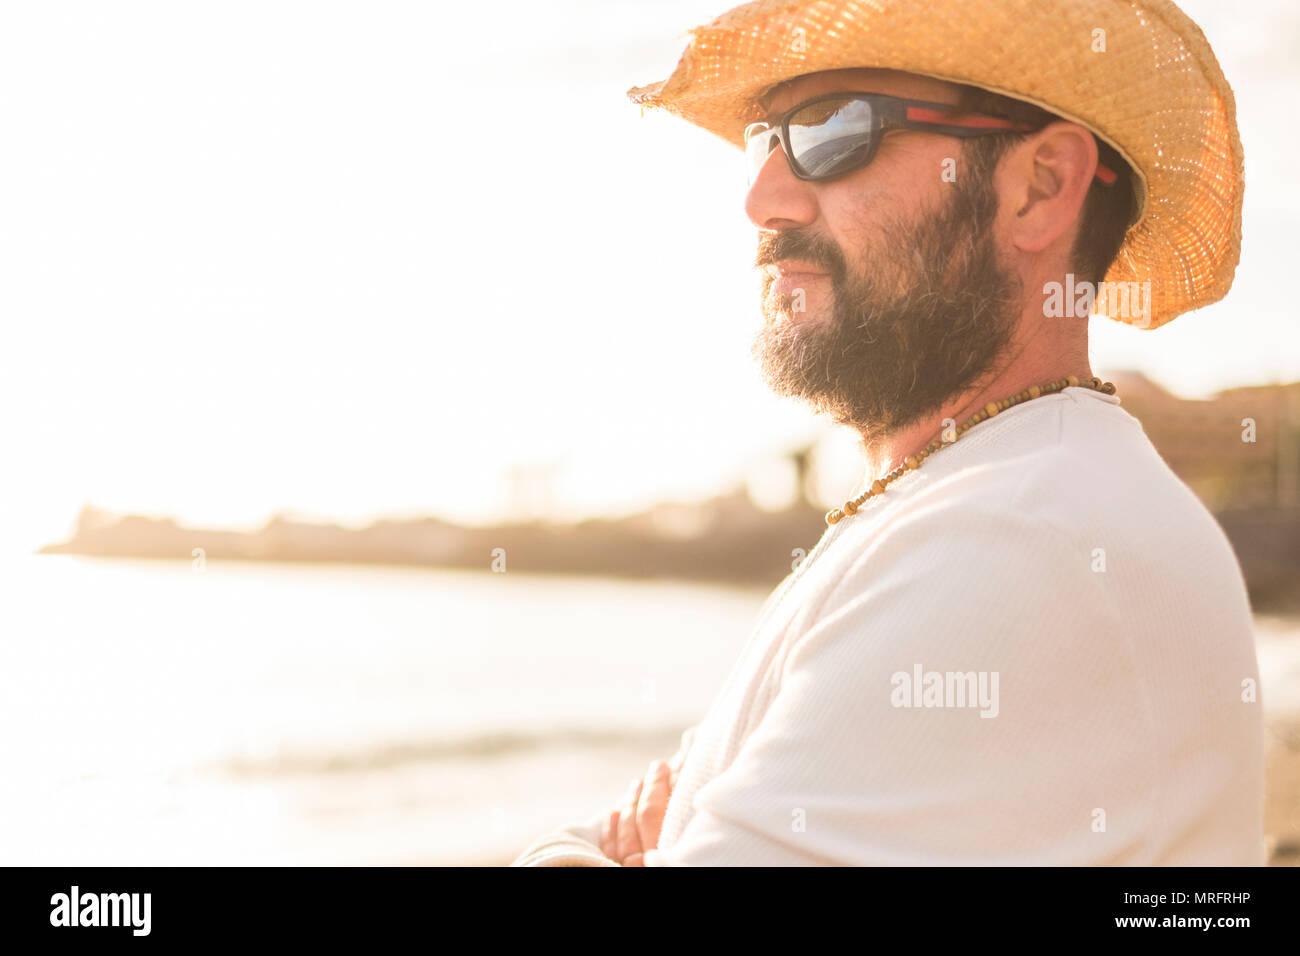 L'âge moyen 45 ans caucasian man en locations de regarder l'horizon avec un golde coucher du soleil dans l'arrière-plan. Le port de lunettes de soleil et des vêtements d'été Photo Stock